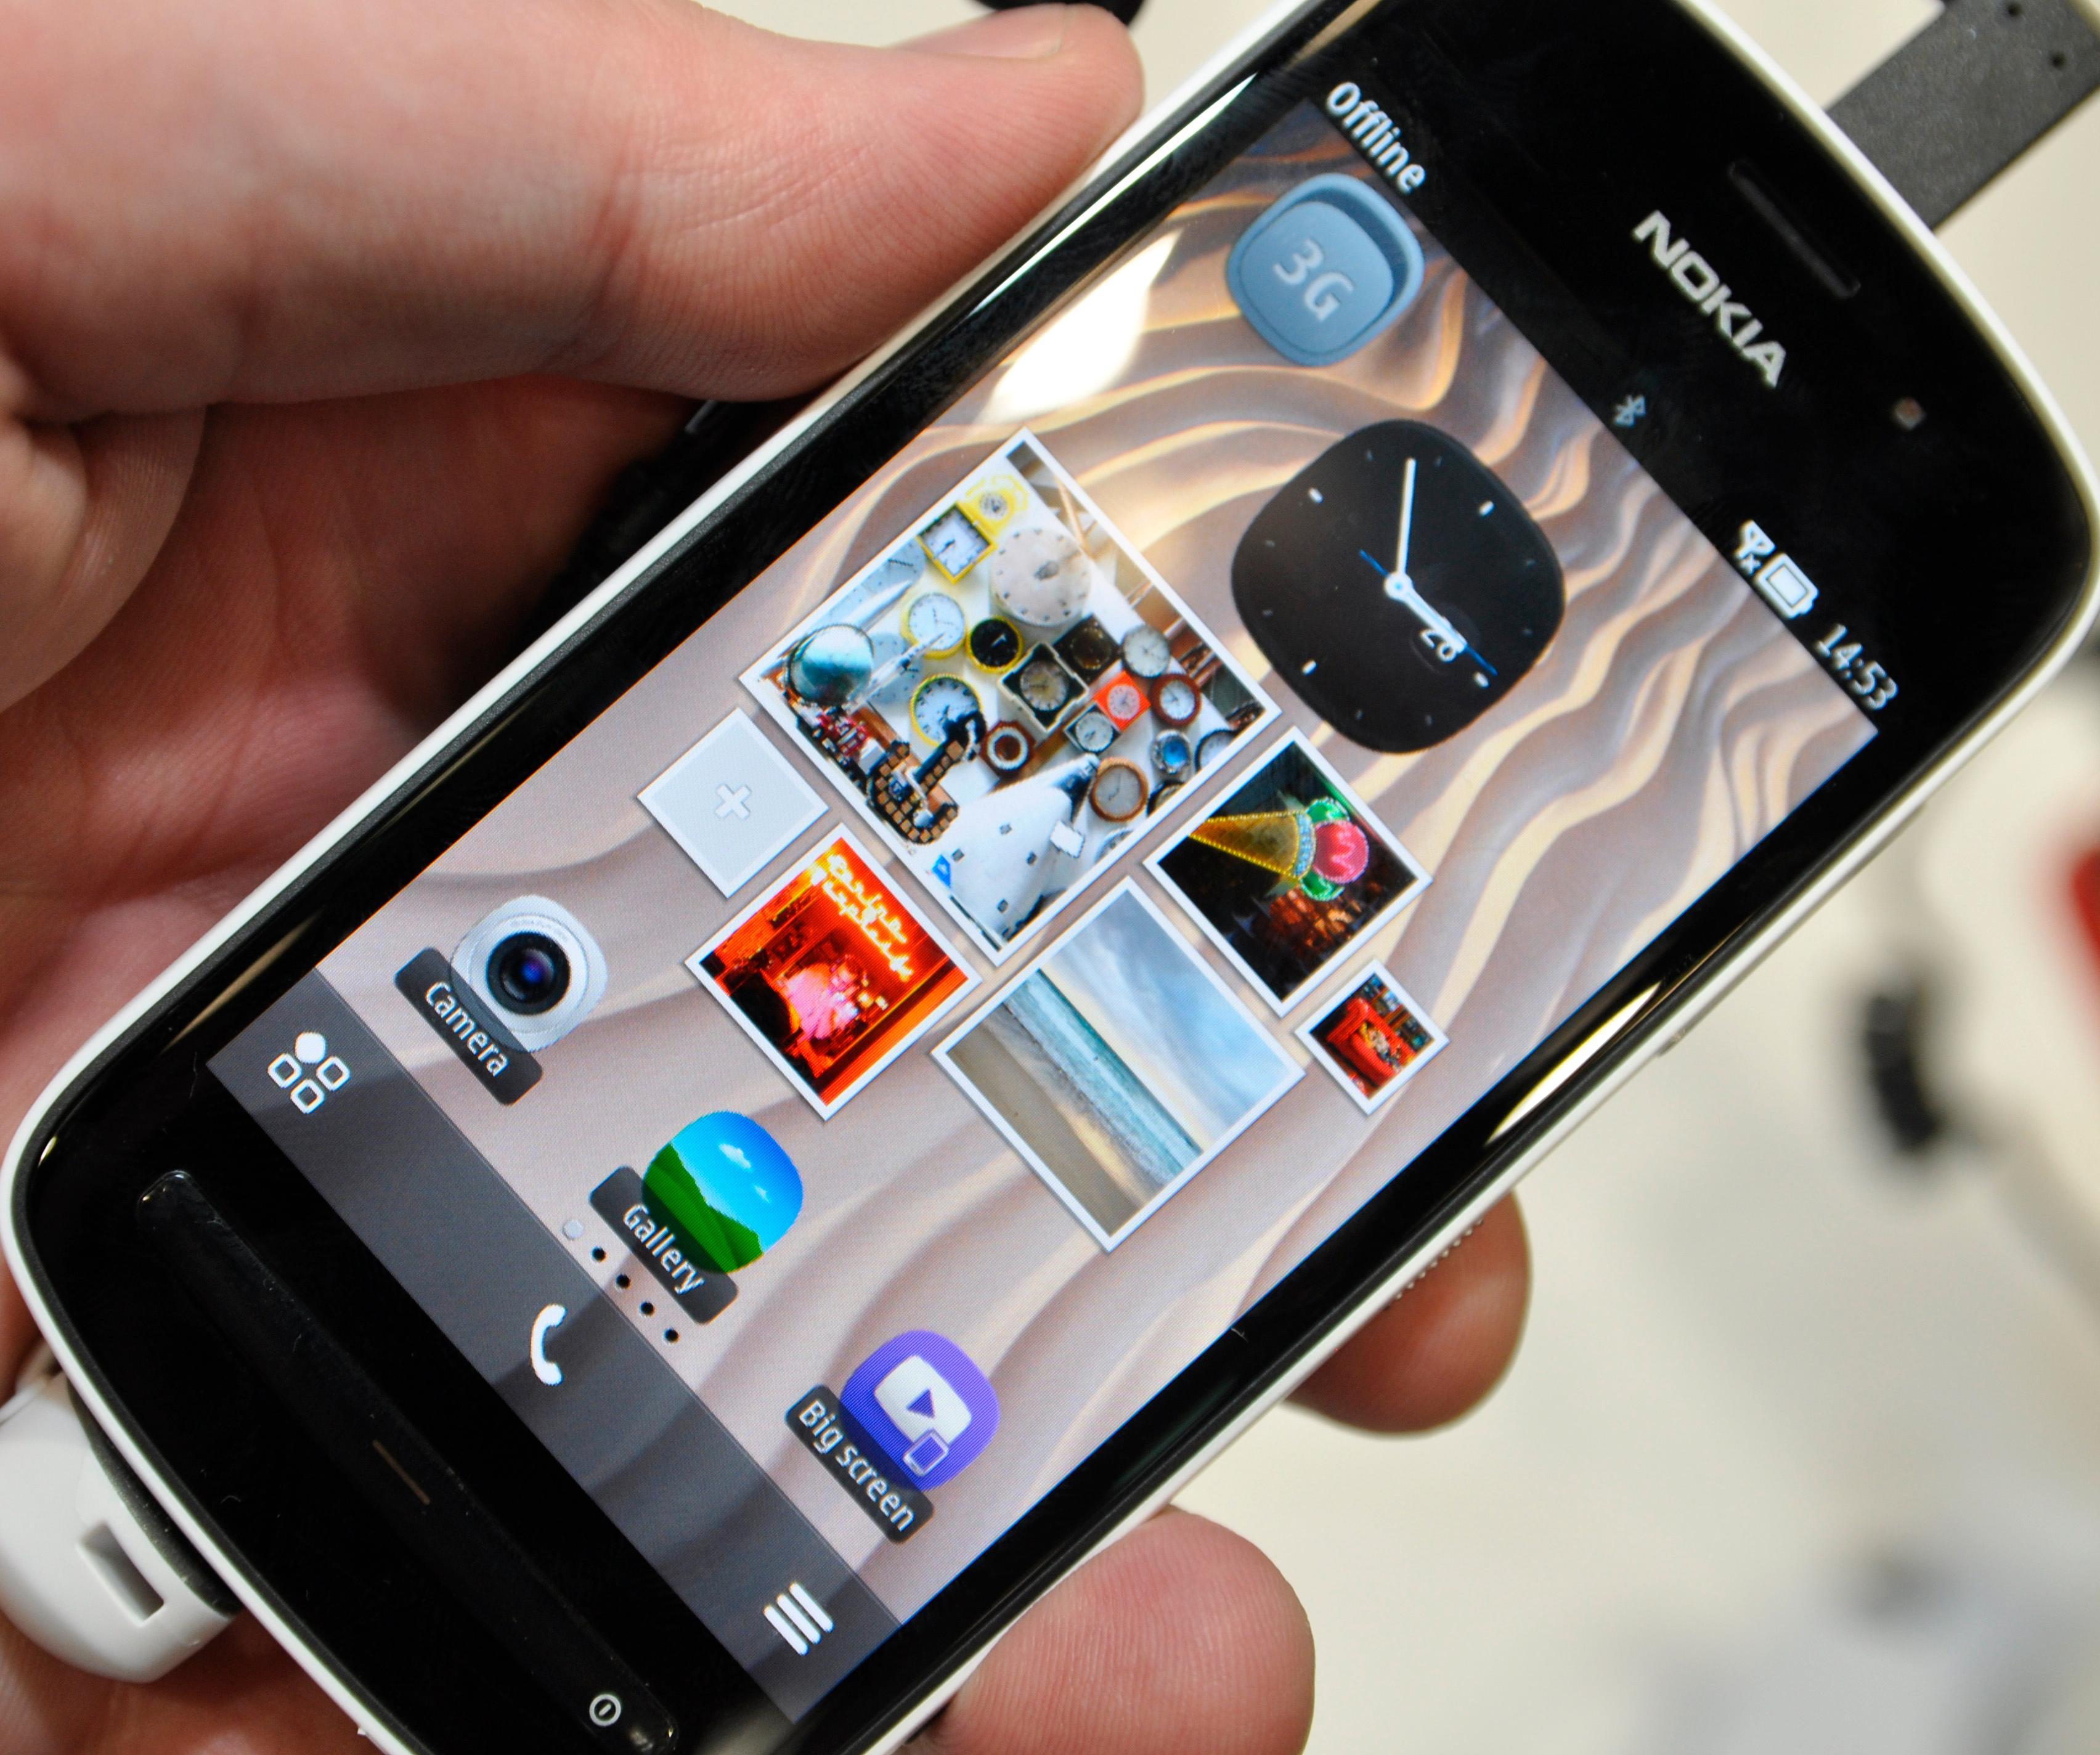 Symbian Belle har blitt ganske pent, men det har fortsatt enkelte elementer fra gamle Symbian.